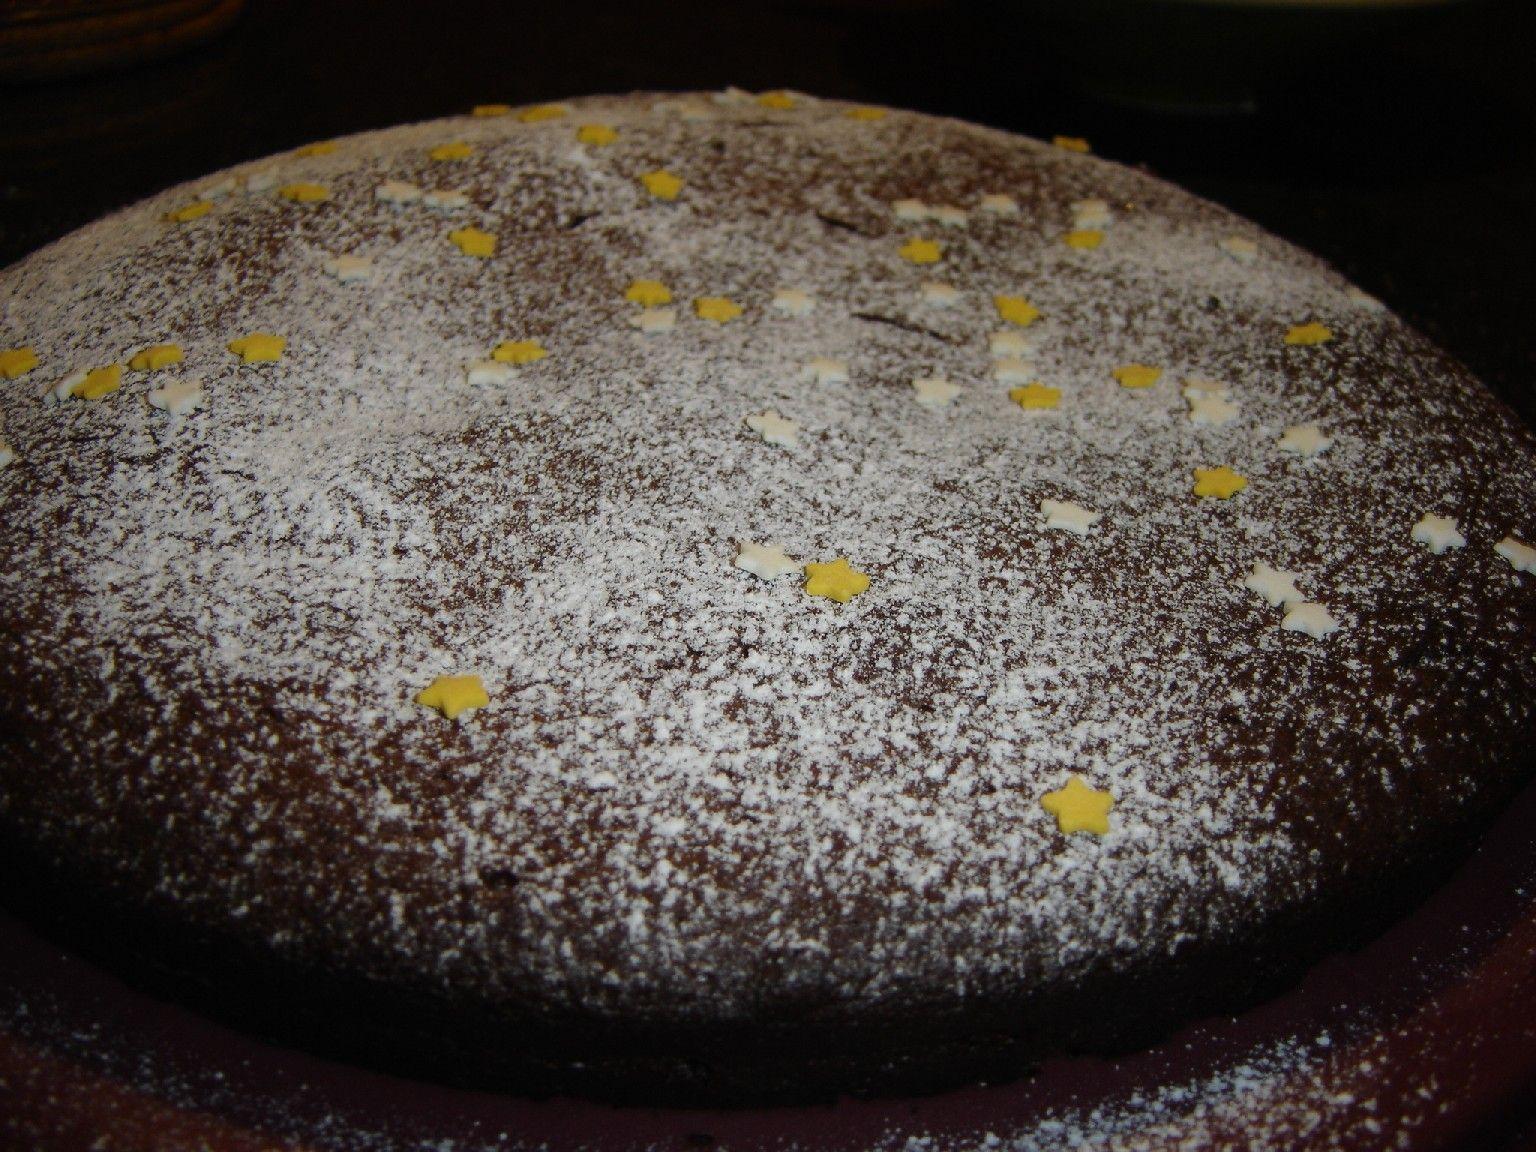 Fondant chocolat /lait concentré sucré - Des Lys d'Or #recettesympa Lorsque j'ai réalisé ma pâte de spéculoos, j'avais ouvert une boite de lait concentré sucré pour n'en utiliser qu'un tiers… Je ne voulais pas jeter le reste j'ai donc cherché une recette sympa et voici celle que j'ai trouvé… On obtient un gâteau moelleux,... #recettesympa